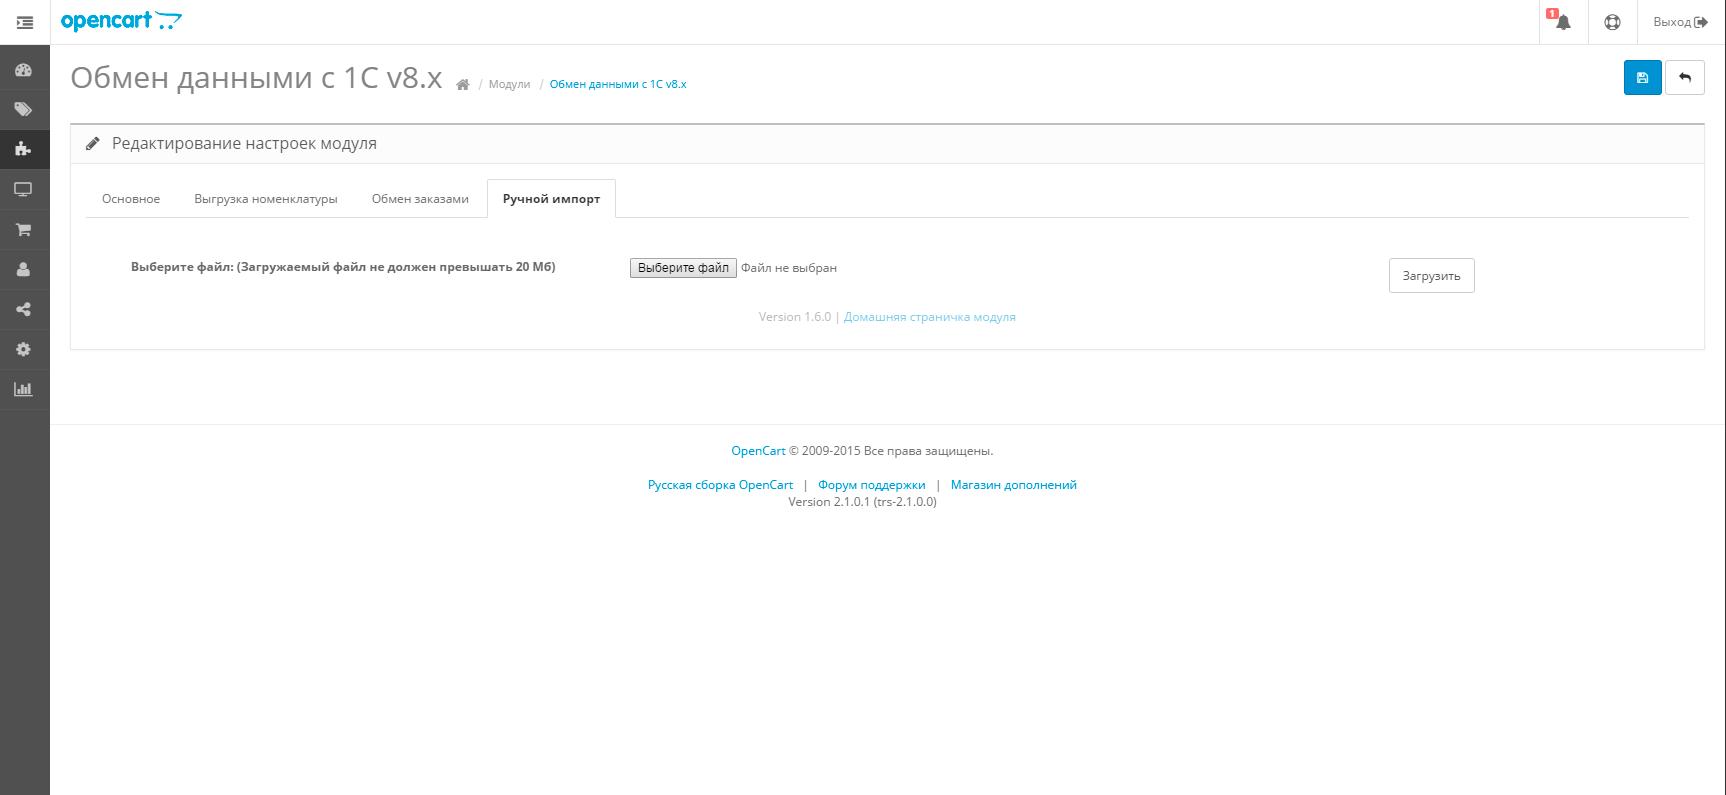 Синхронизация OpenCart 2.0 c 1C